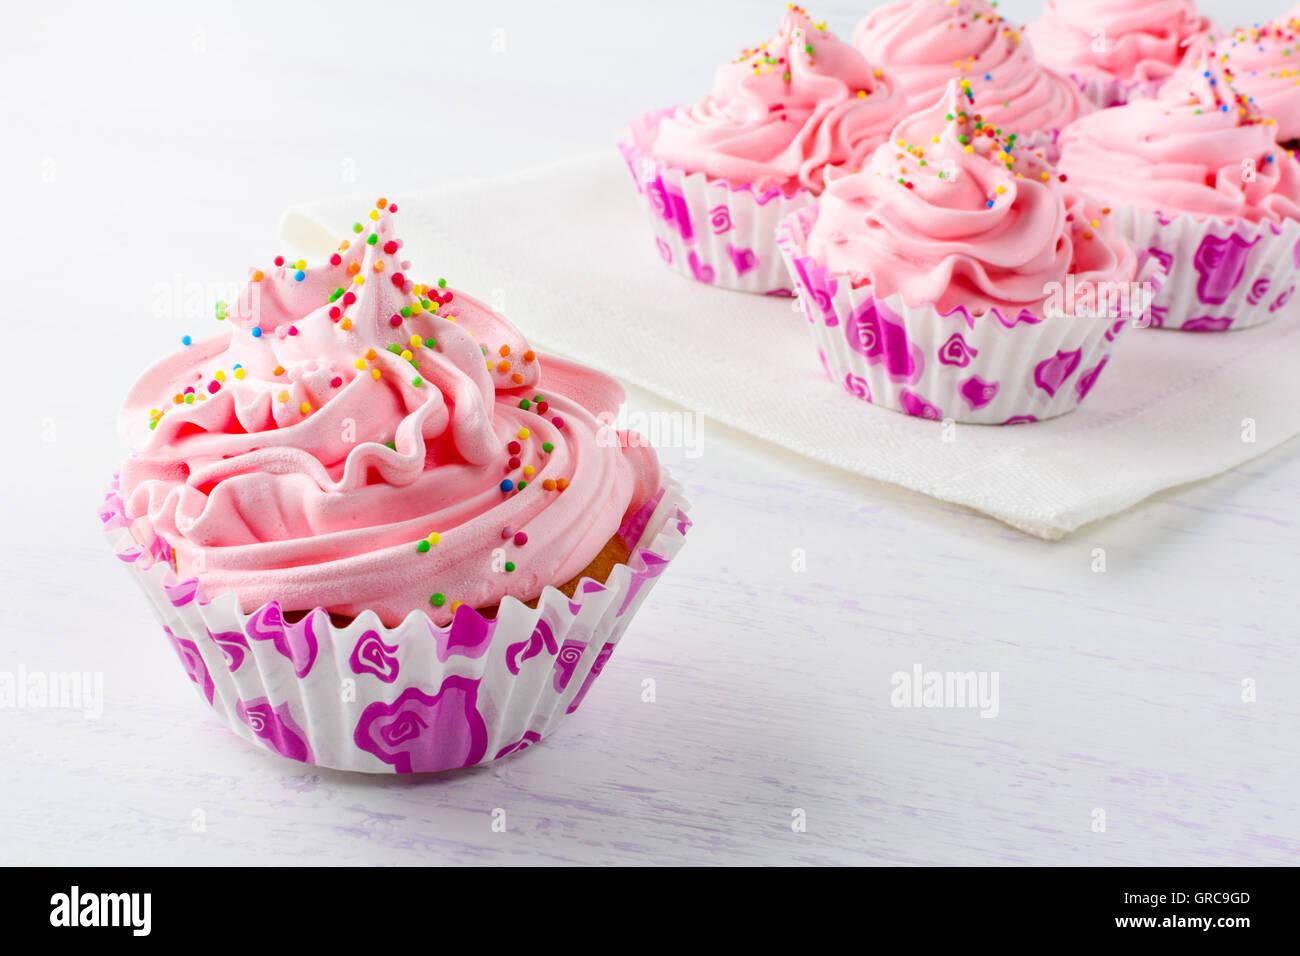 Rosa Geburtstag Cupcakes Hautnah Geburtstag Cupcake Mit Rosa